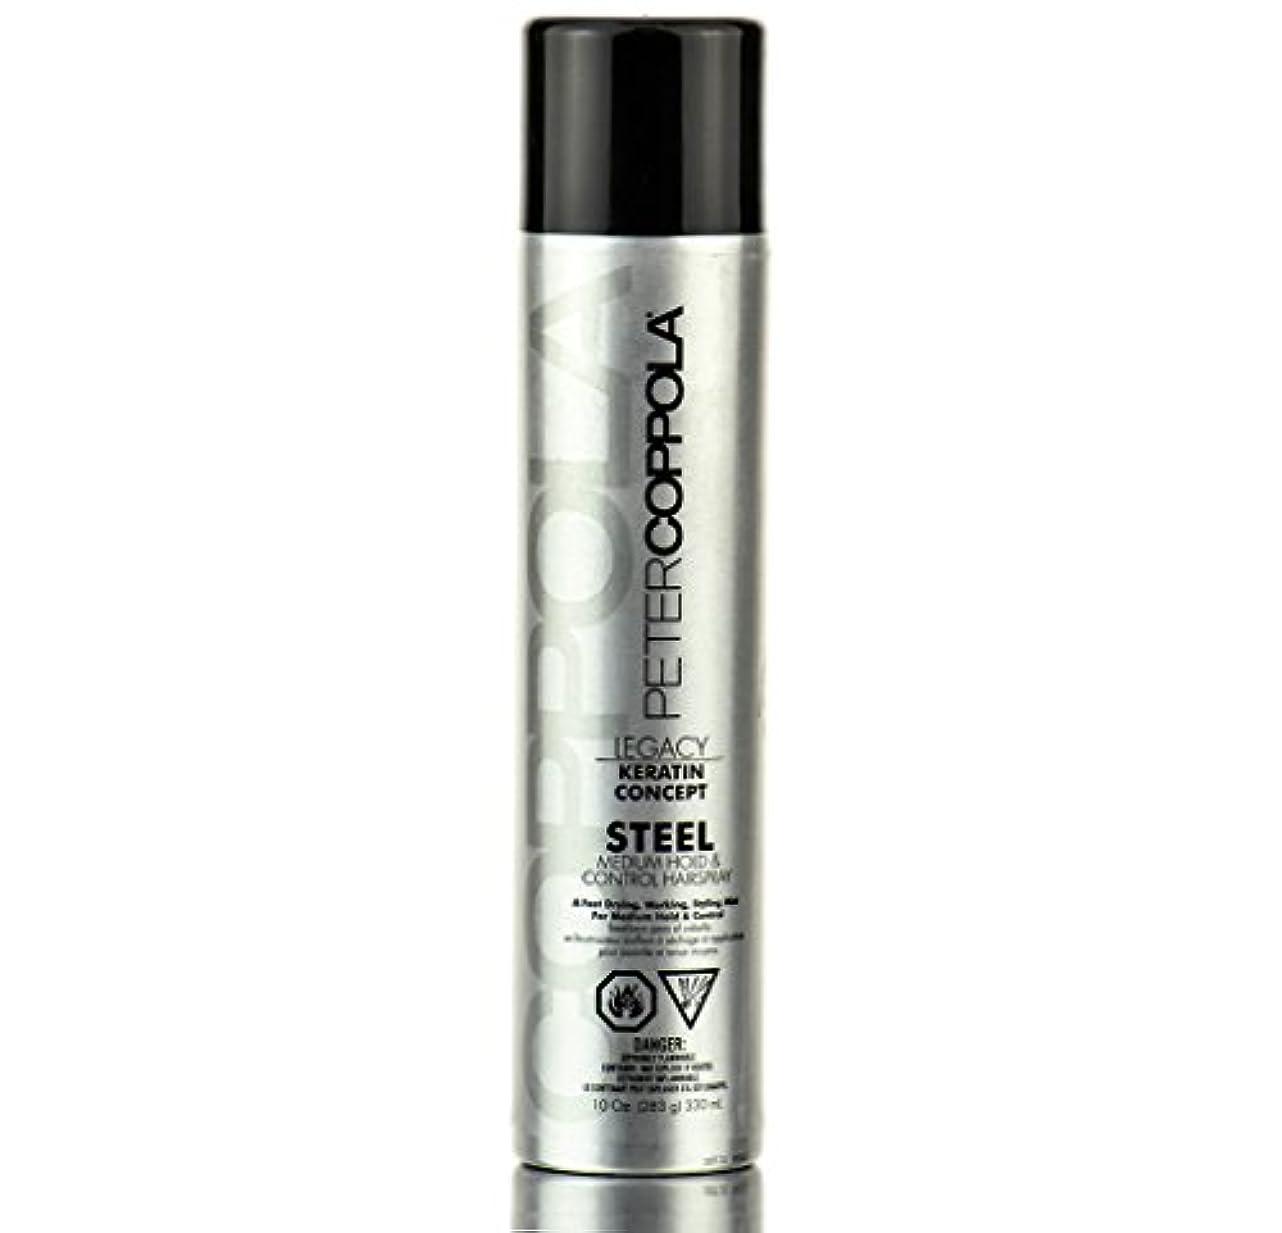 ウェーハエゴマニア土地Peter Coppola スチールヘアスプレー - 軽量、ミディアムホールド、柔軟なホールドは、スタイリングヘアボリューム&スタイリングのすべての髪のタイプを追加するための10オンスミディアムシャインスプレー medium_hold